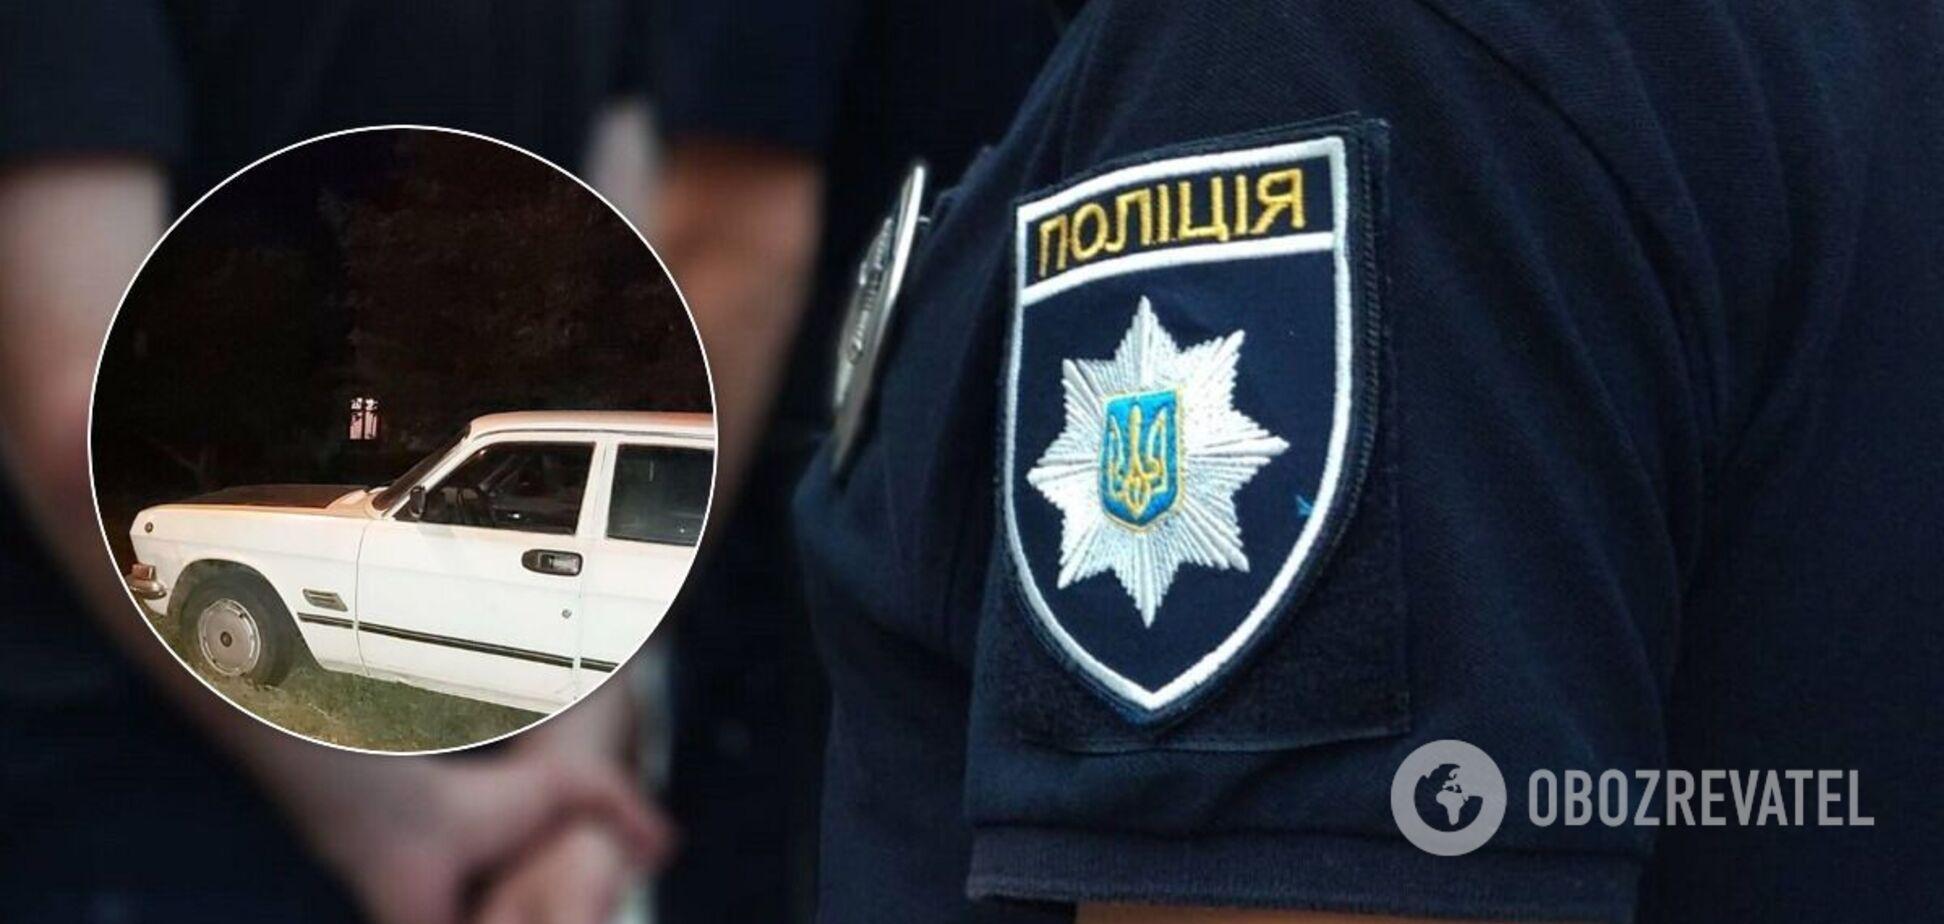 Під Дніпром водій намагався втекти та наїхав на поліцейського. Фото